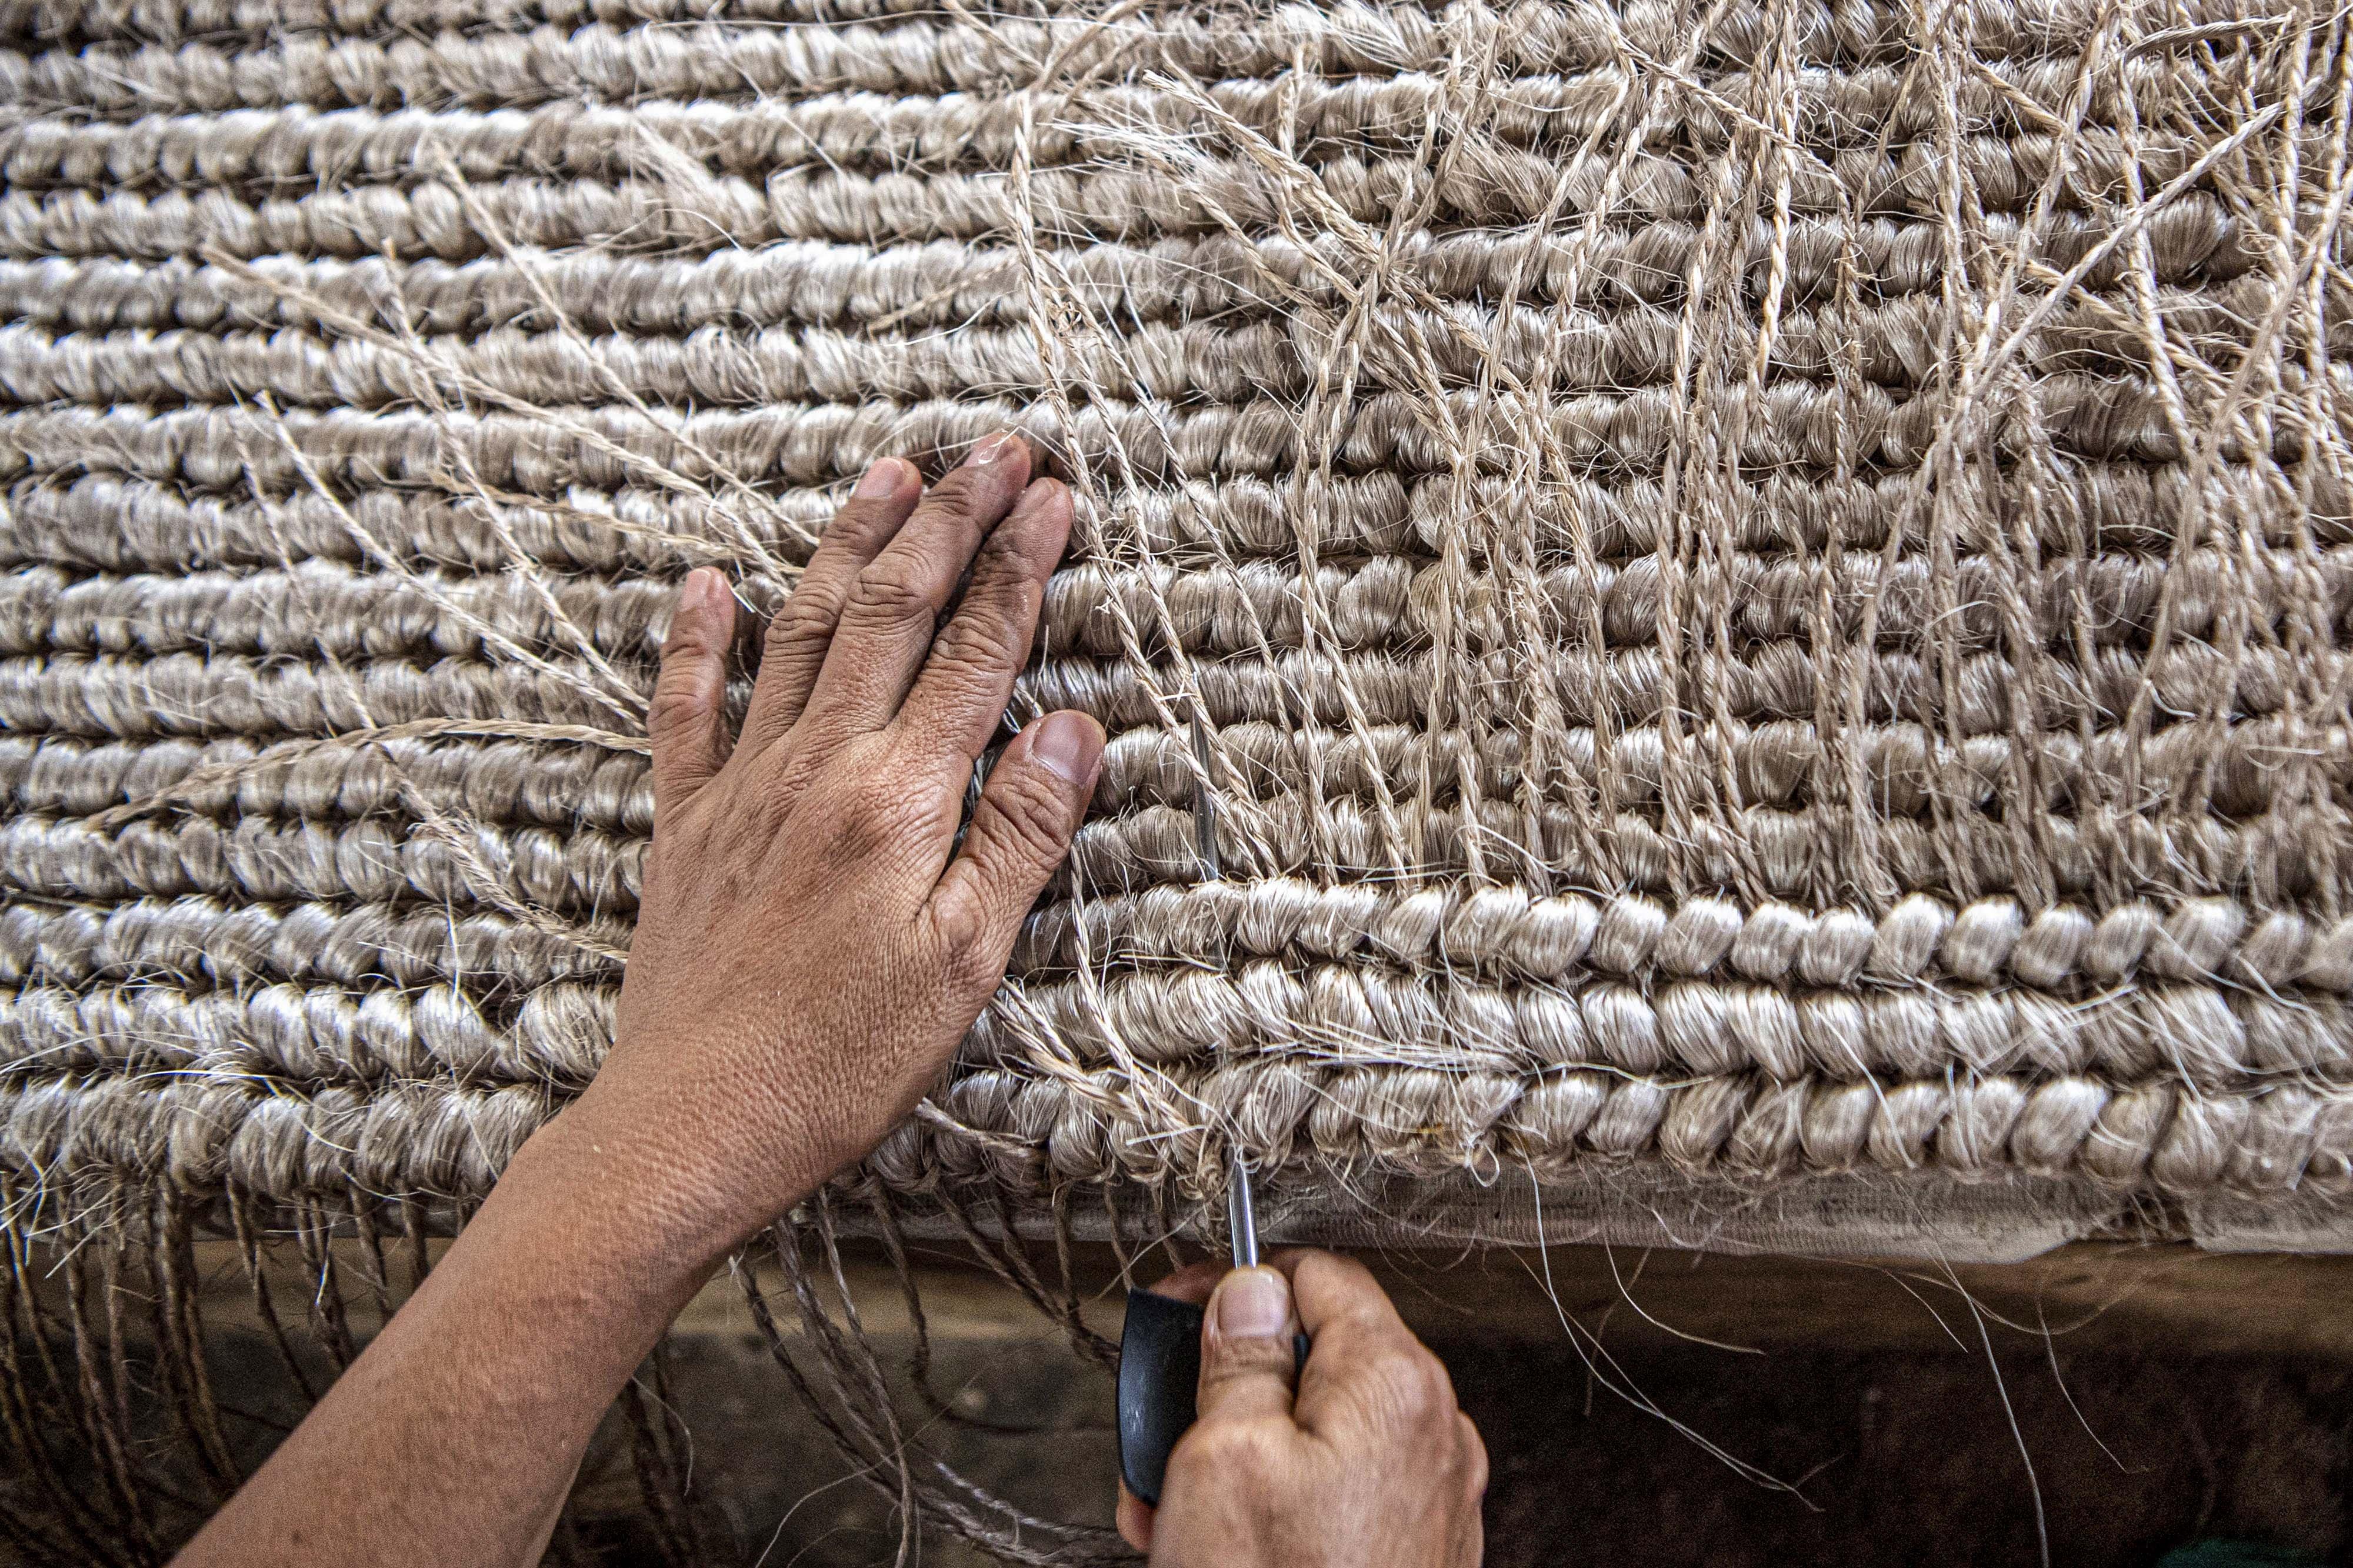 Pekerja menganyam pintalan benang dari serat pohon pisang (abaca fiber) untuk dijadikan karpet di bengkel anyam Djunaedi.